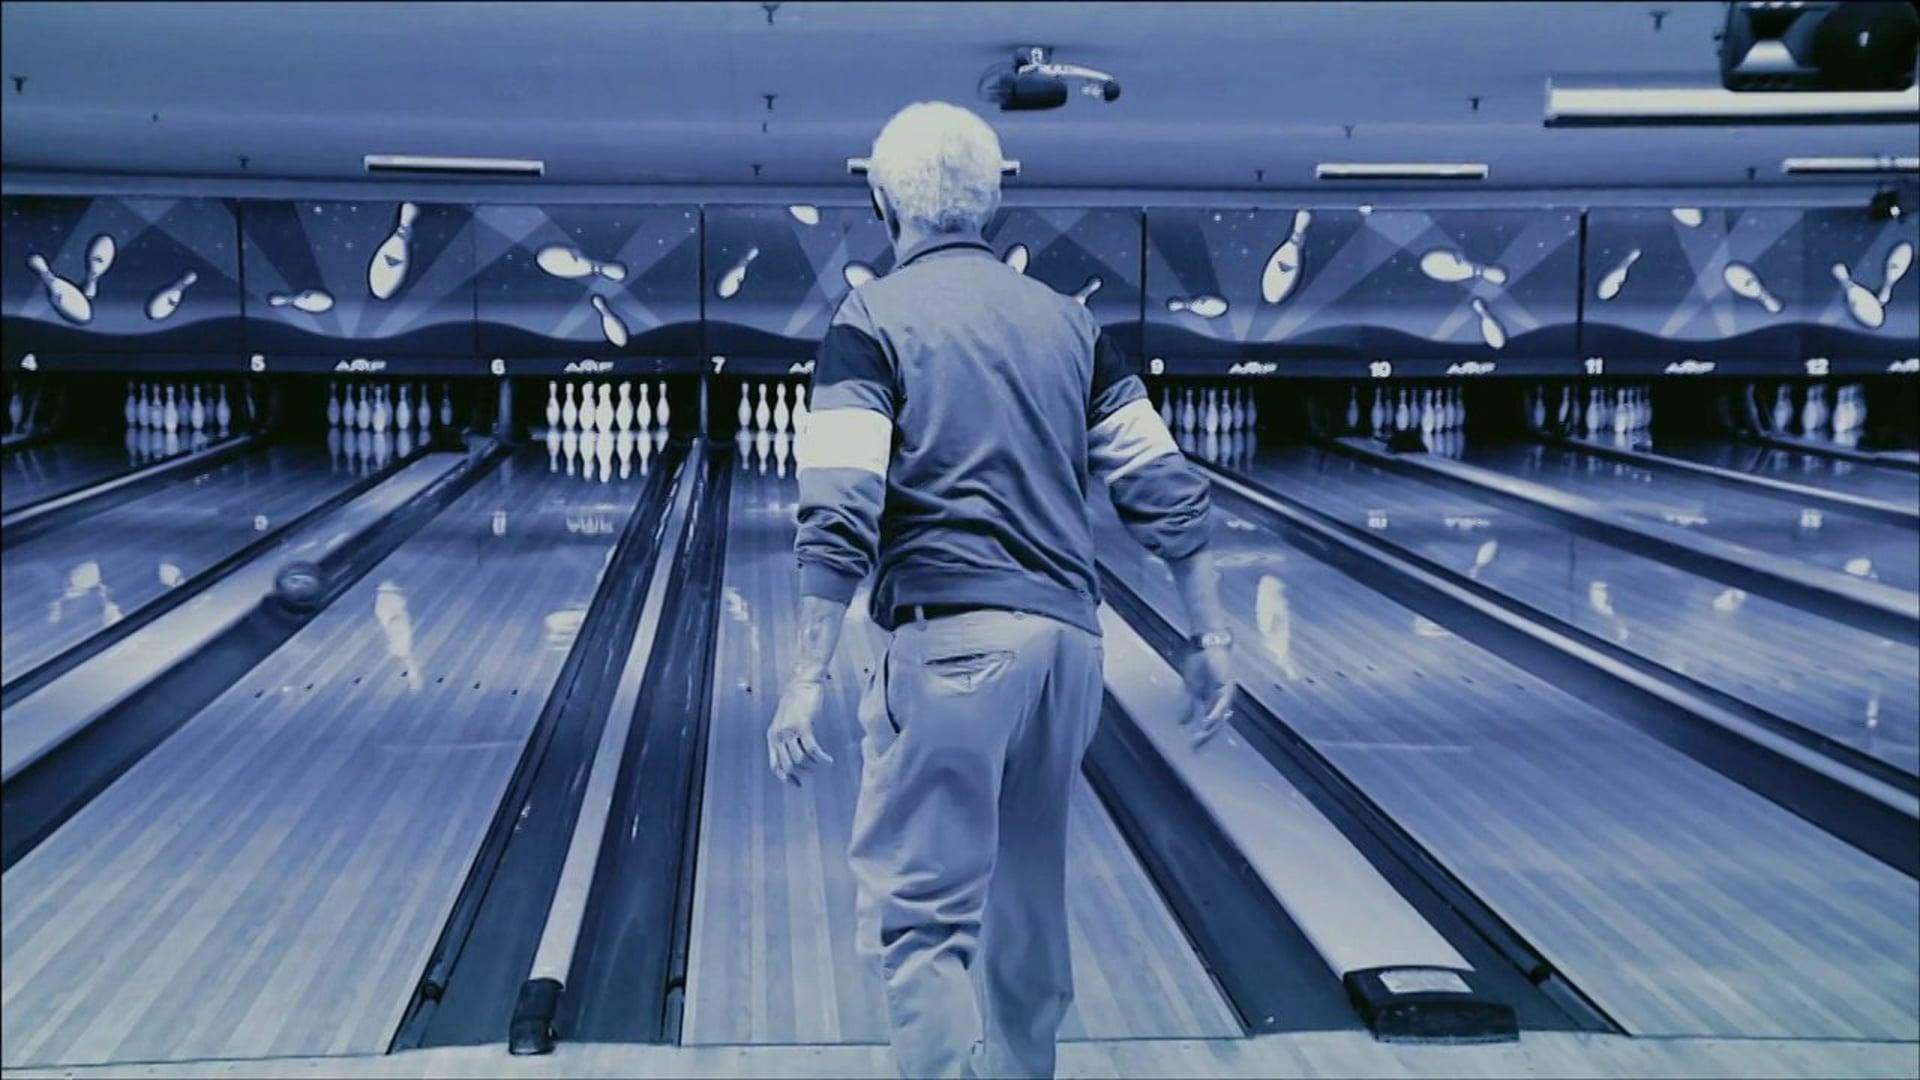 PBR - Bowling